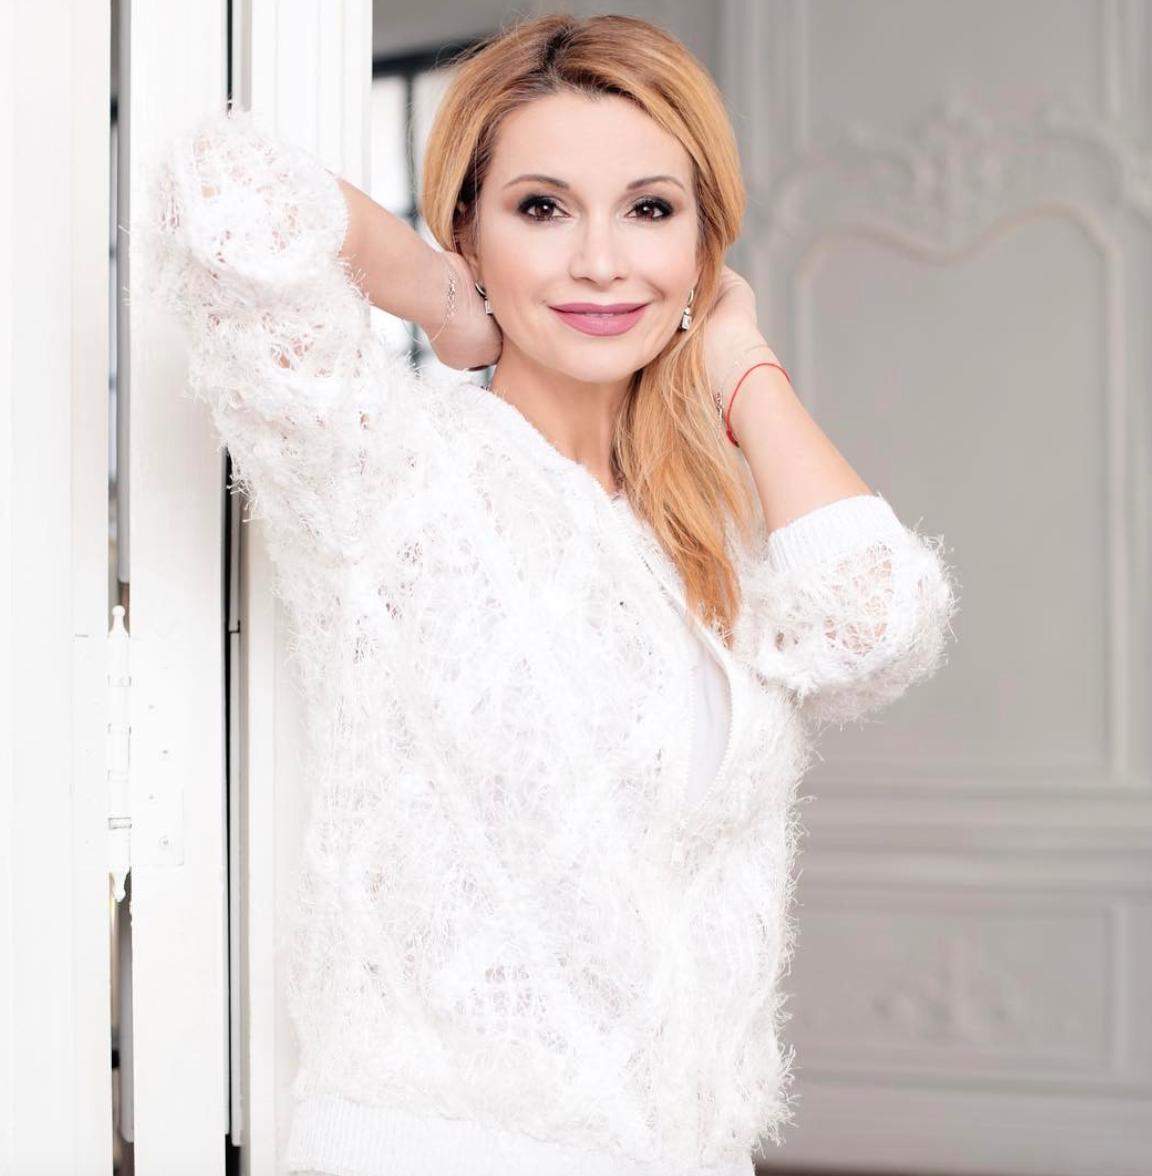 Ольге Бузовой отыскали замену: на«Доме-2» появится новая ведущая